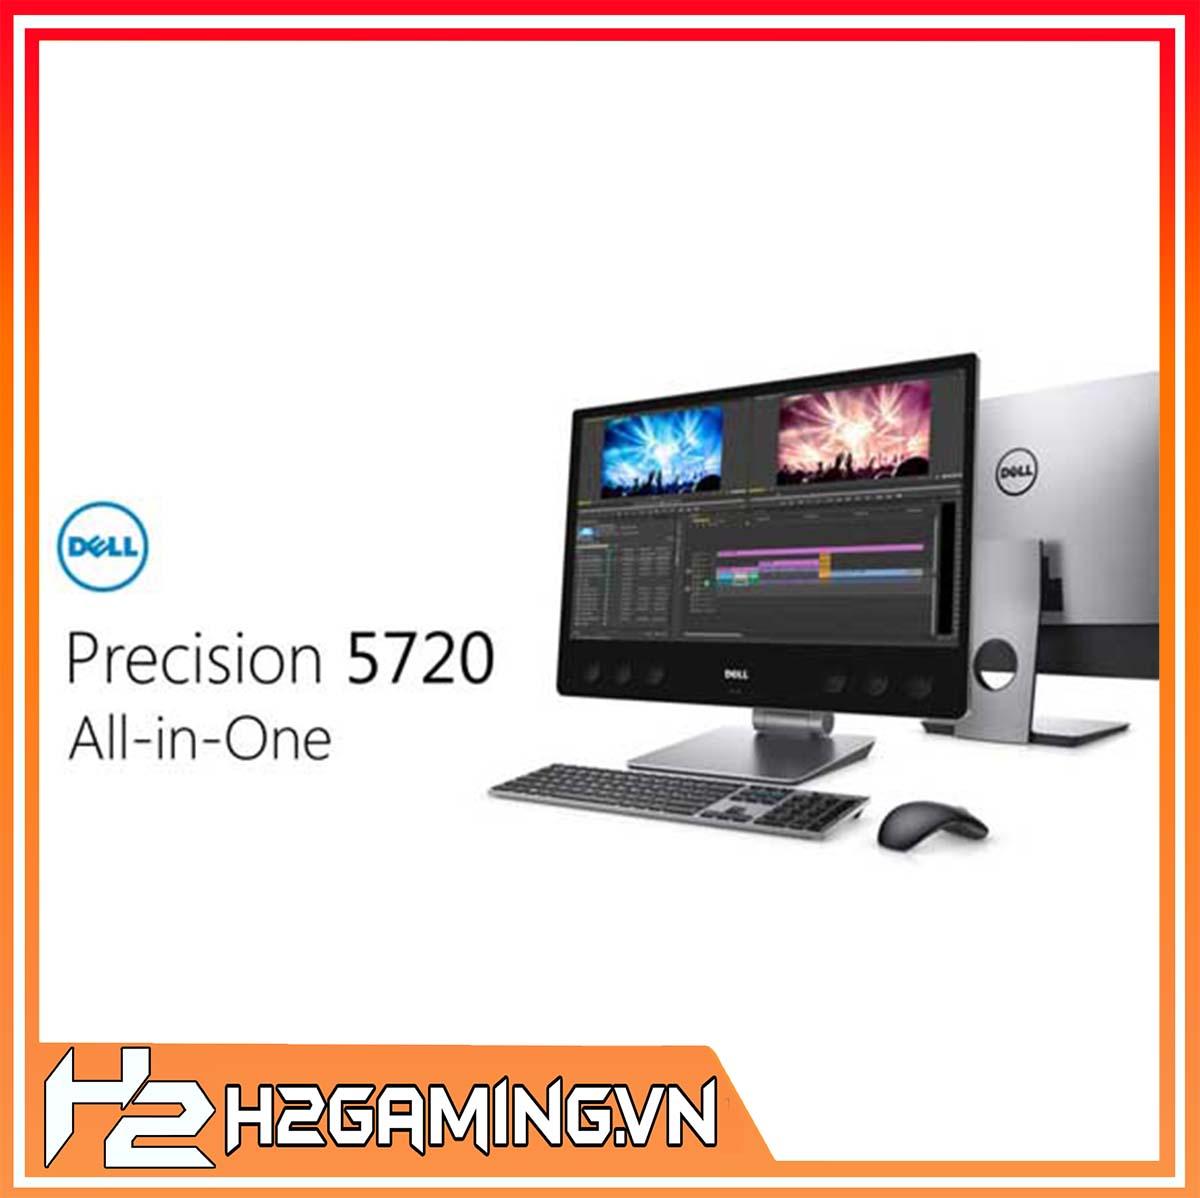 Dell_Precision_5720_All_In_One_2